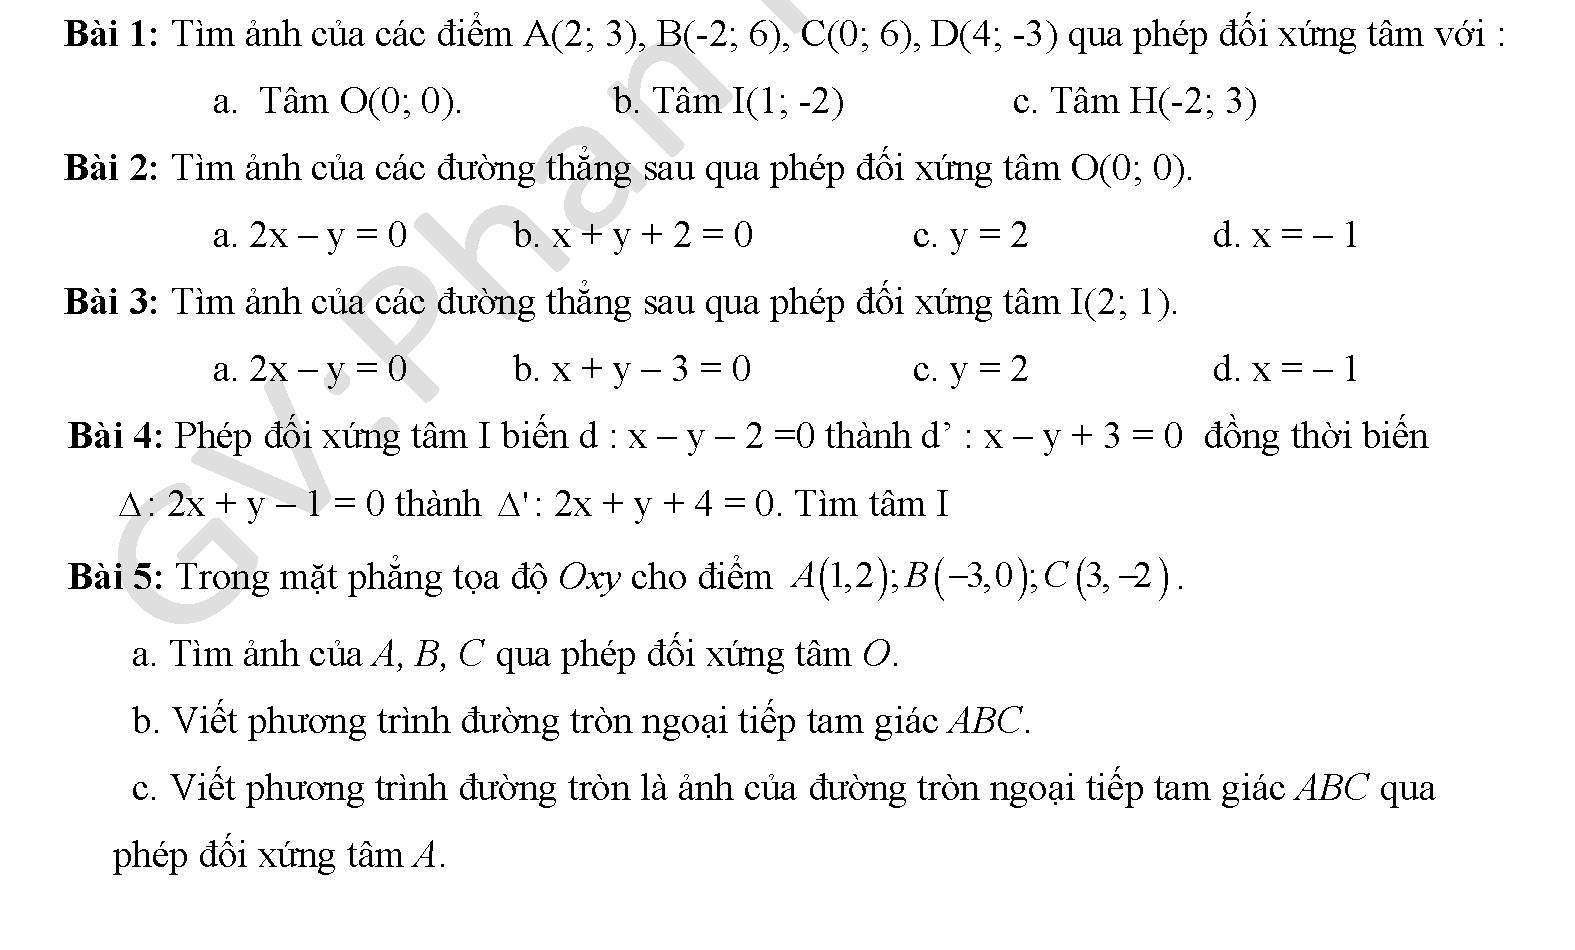 Bài tập phép đối xứng trục